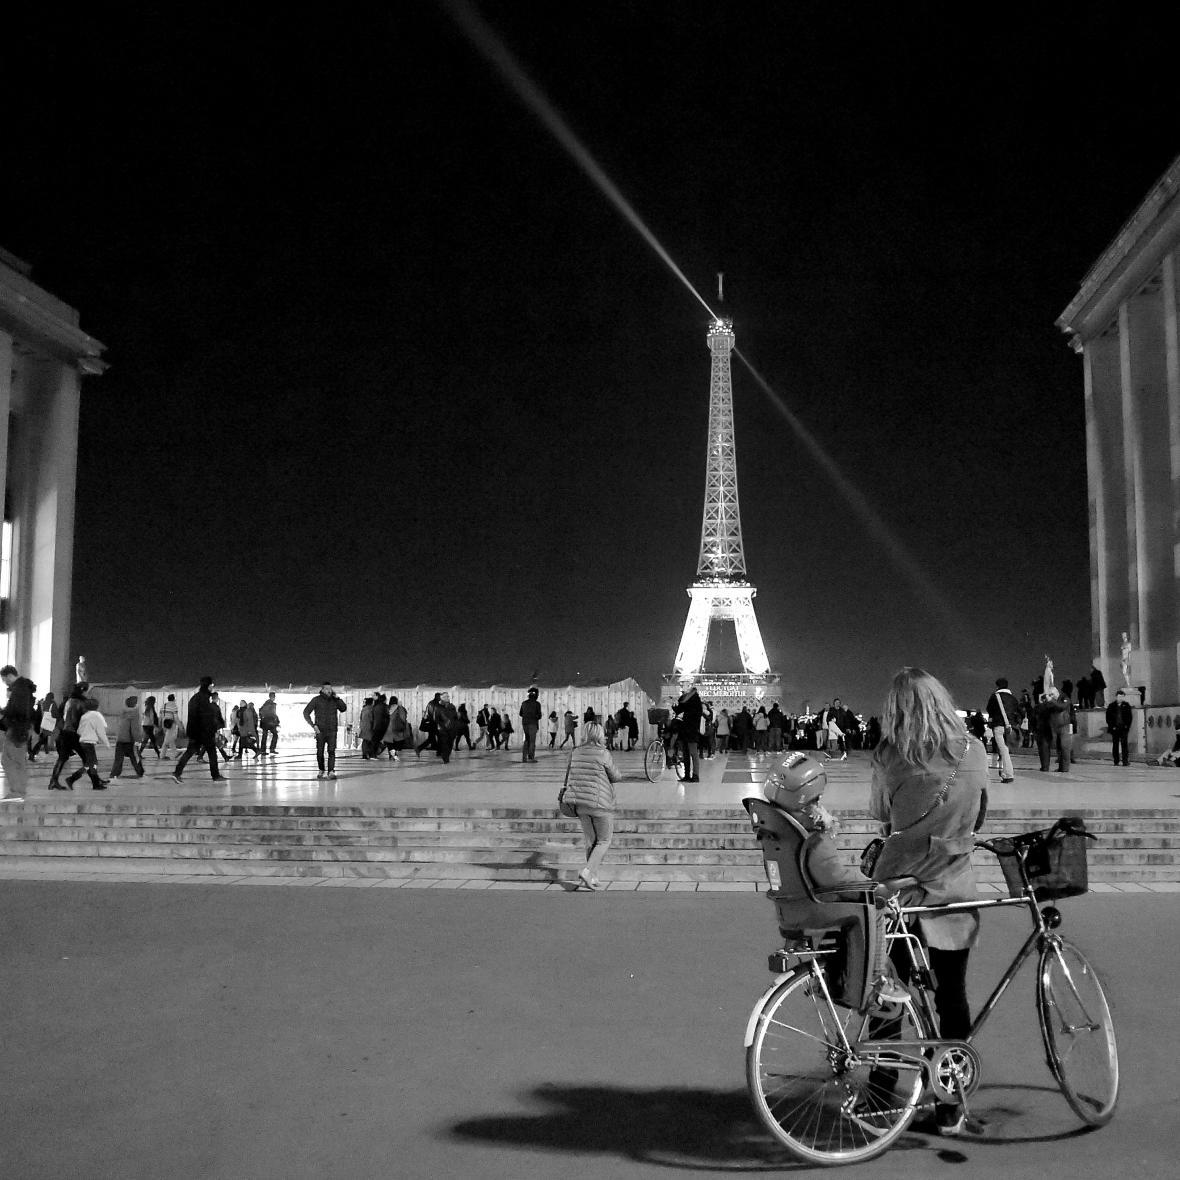 Výhled z Trocadéra na Eiffelovu věž